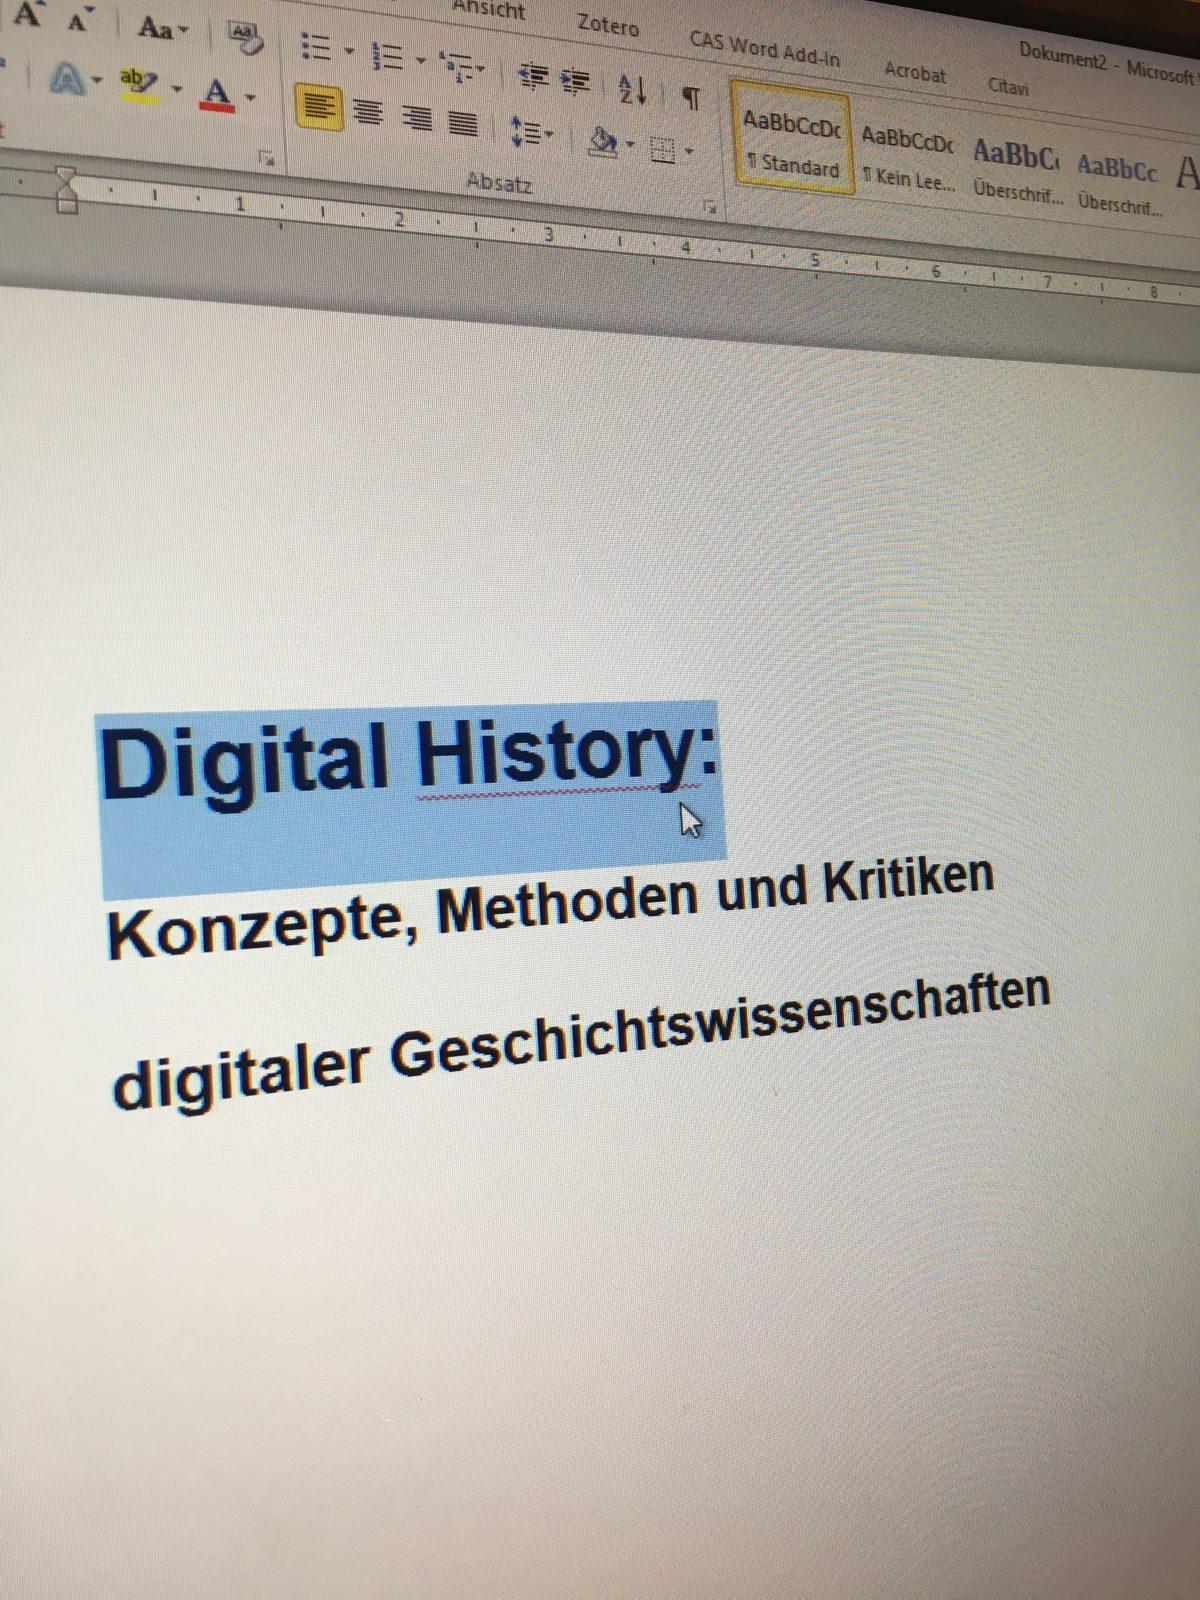 CfP: Digital History: Konzepte, Methoden und Kritiken digitaler Geschichtswissenschaften